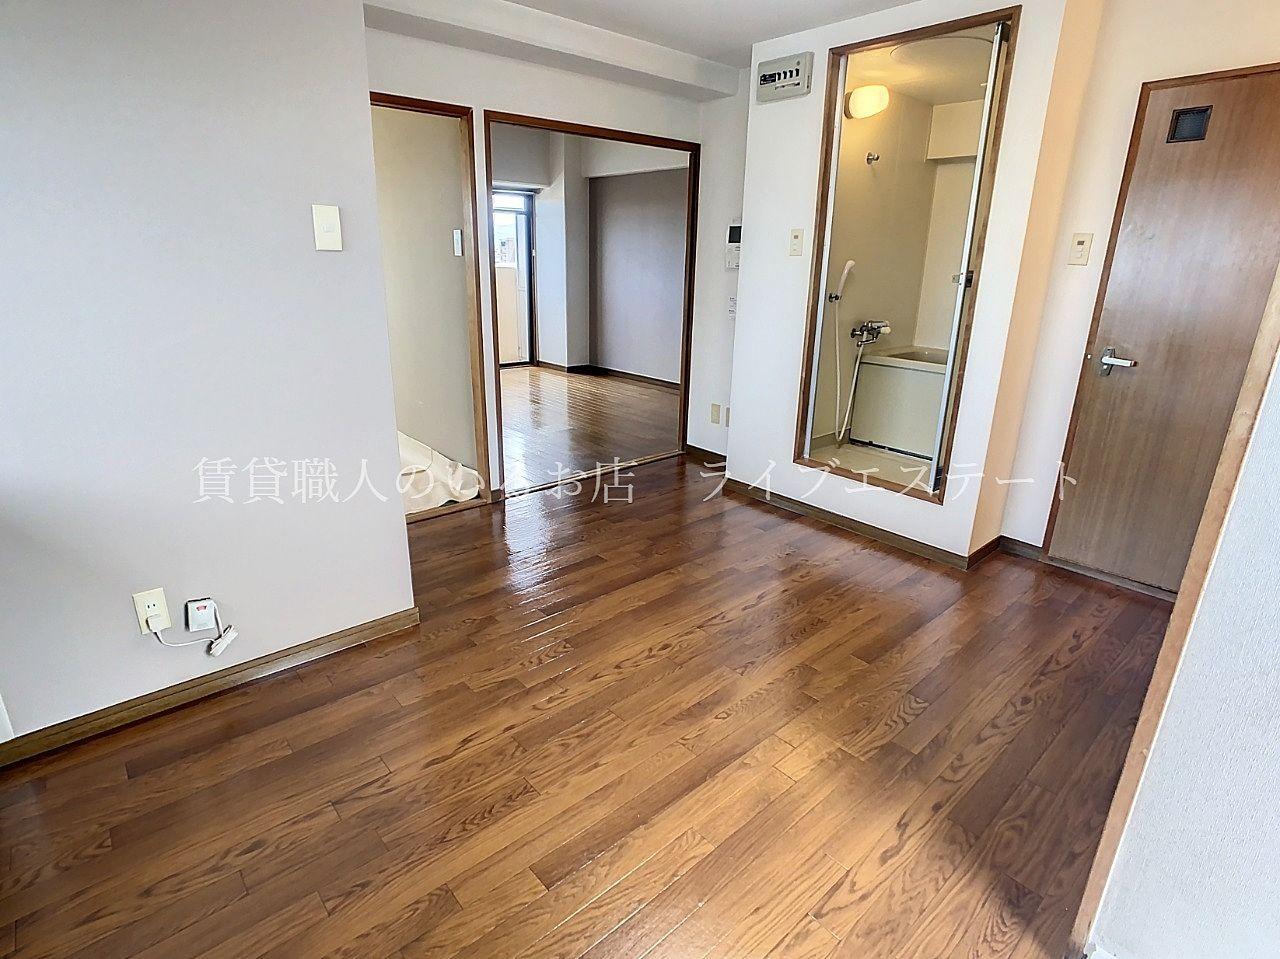 廊下がない間取りなので家じゅうを動き回らなくてもよく、家事がここでほとんど完了しますね